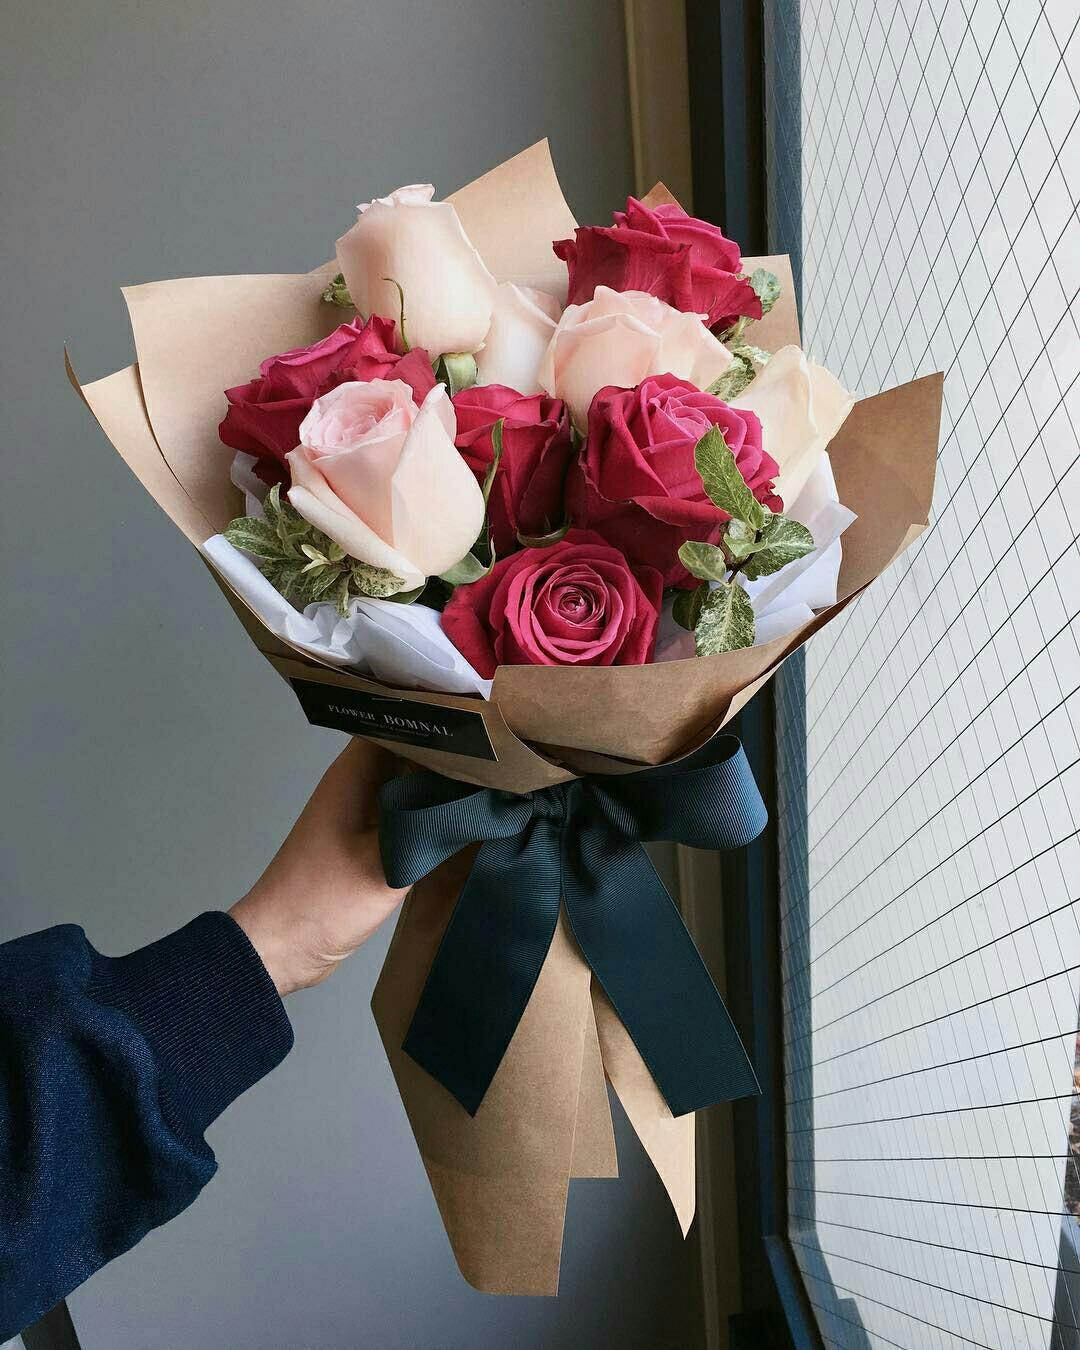 صور باقات الورد الجميلة للفيس بوك صور ورد وزهور Rose Flower Images